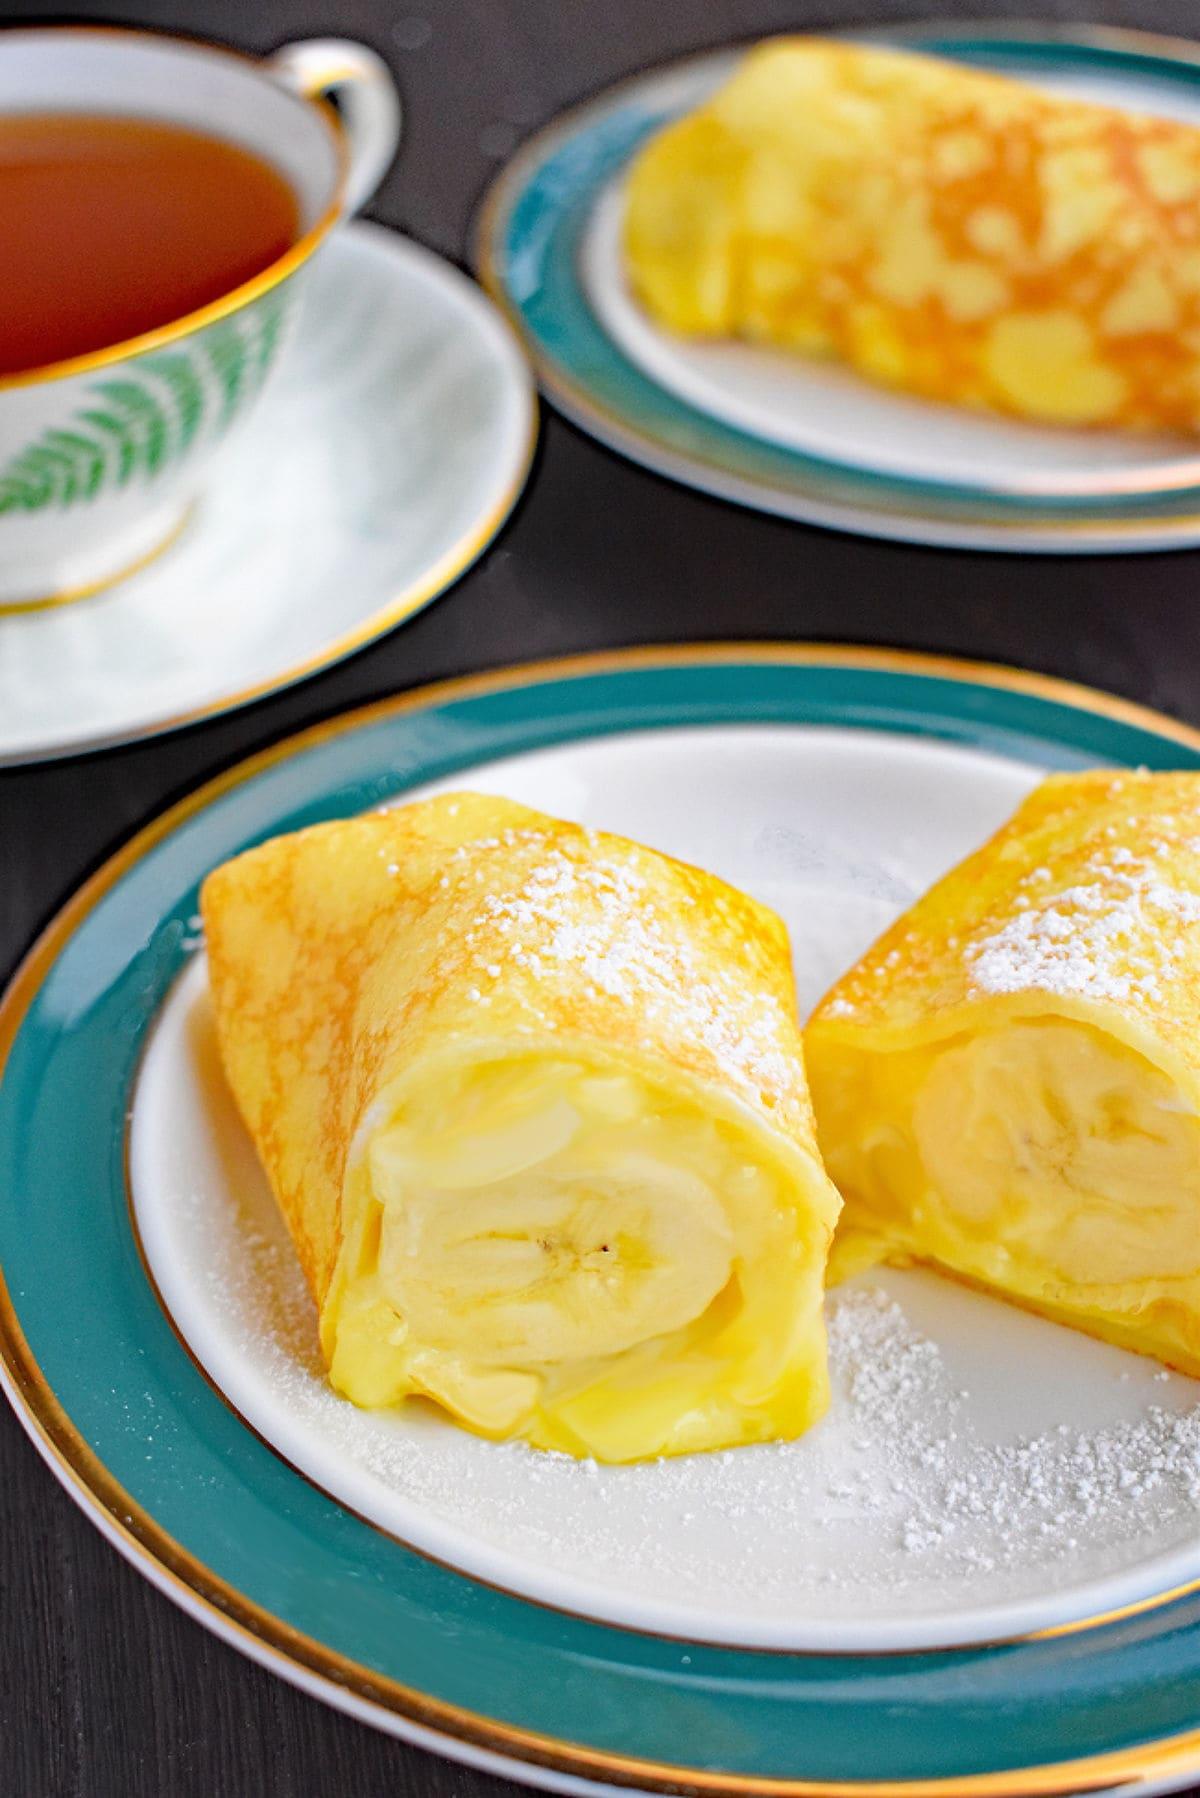 バナナ 牛乳 レシピ おやつ